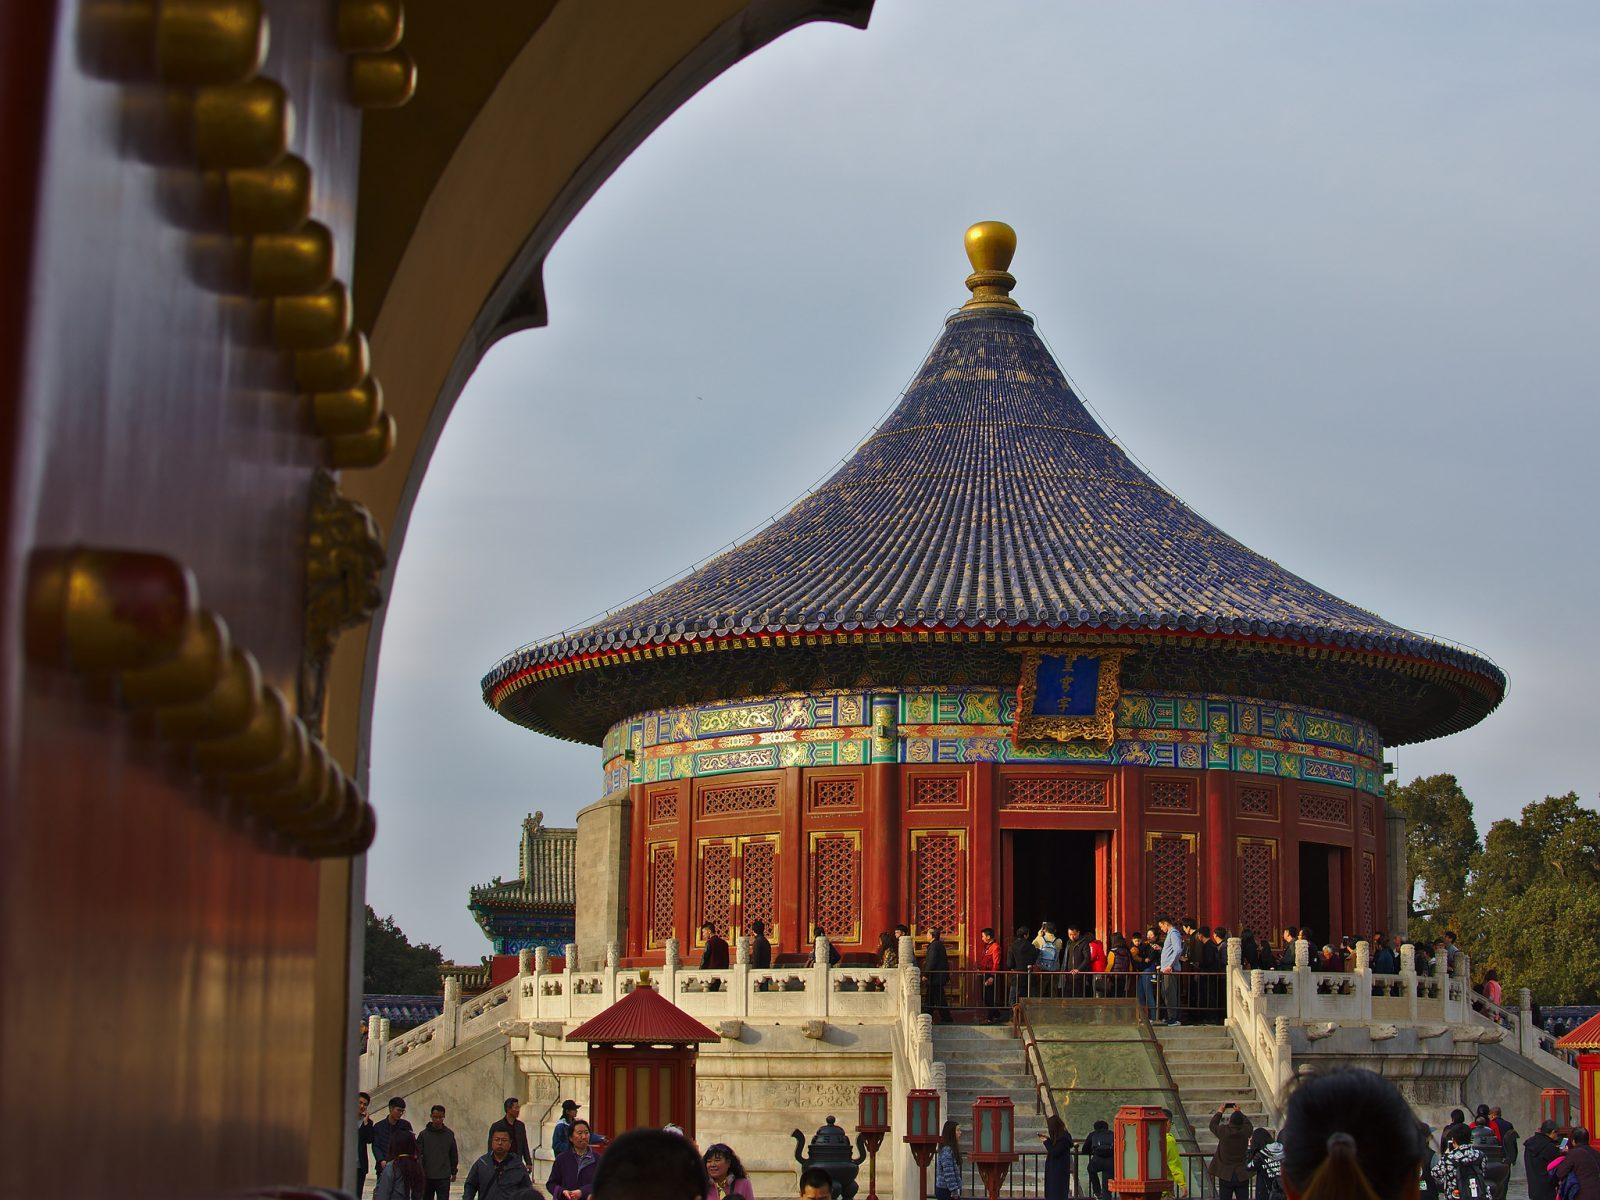 Peking Taivaan temppeli